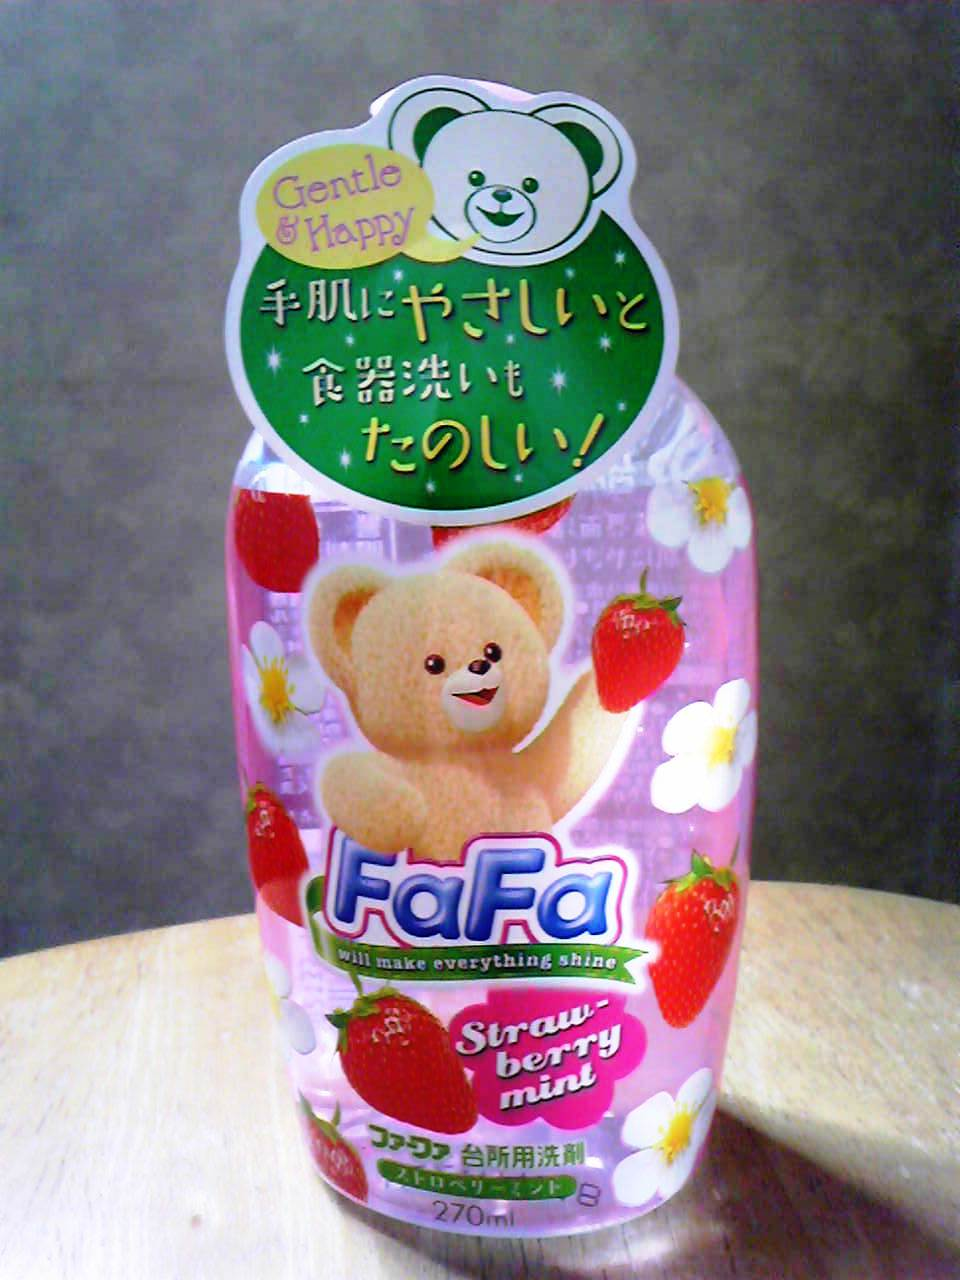 食器用洗剤(FaFa:ストロベリーミント).jpg